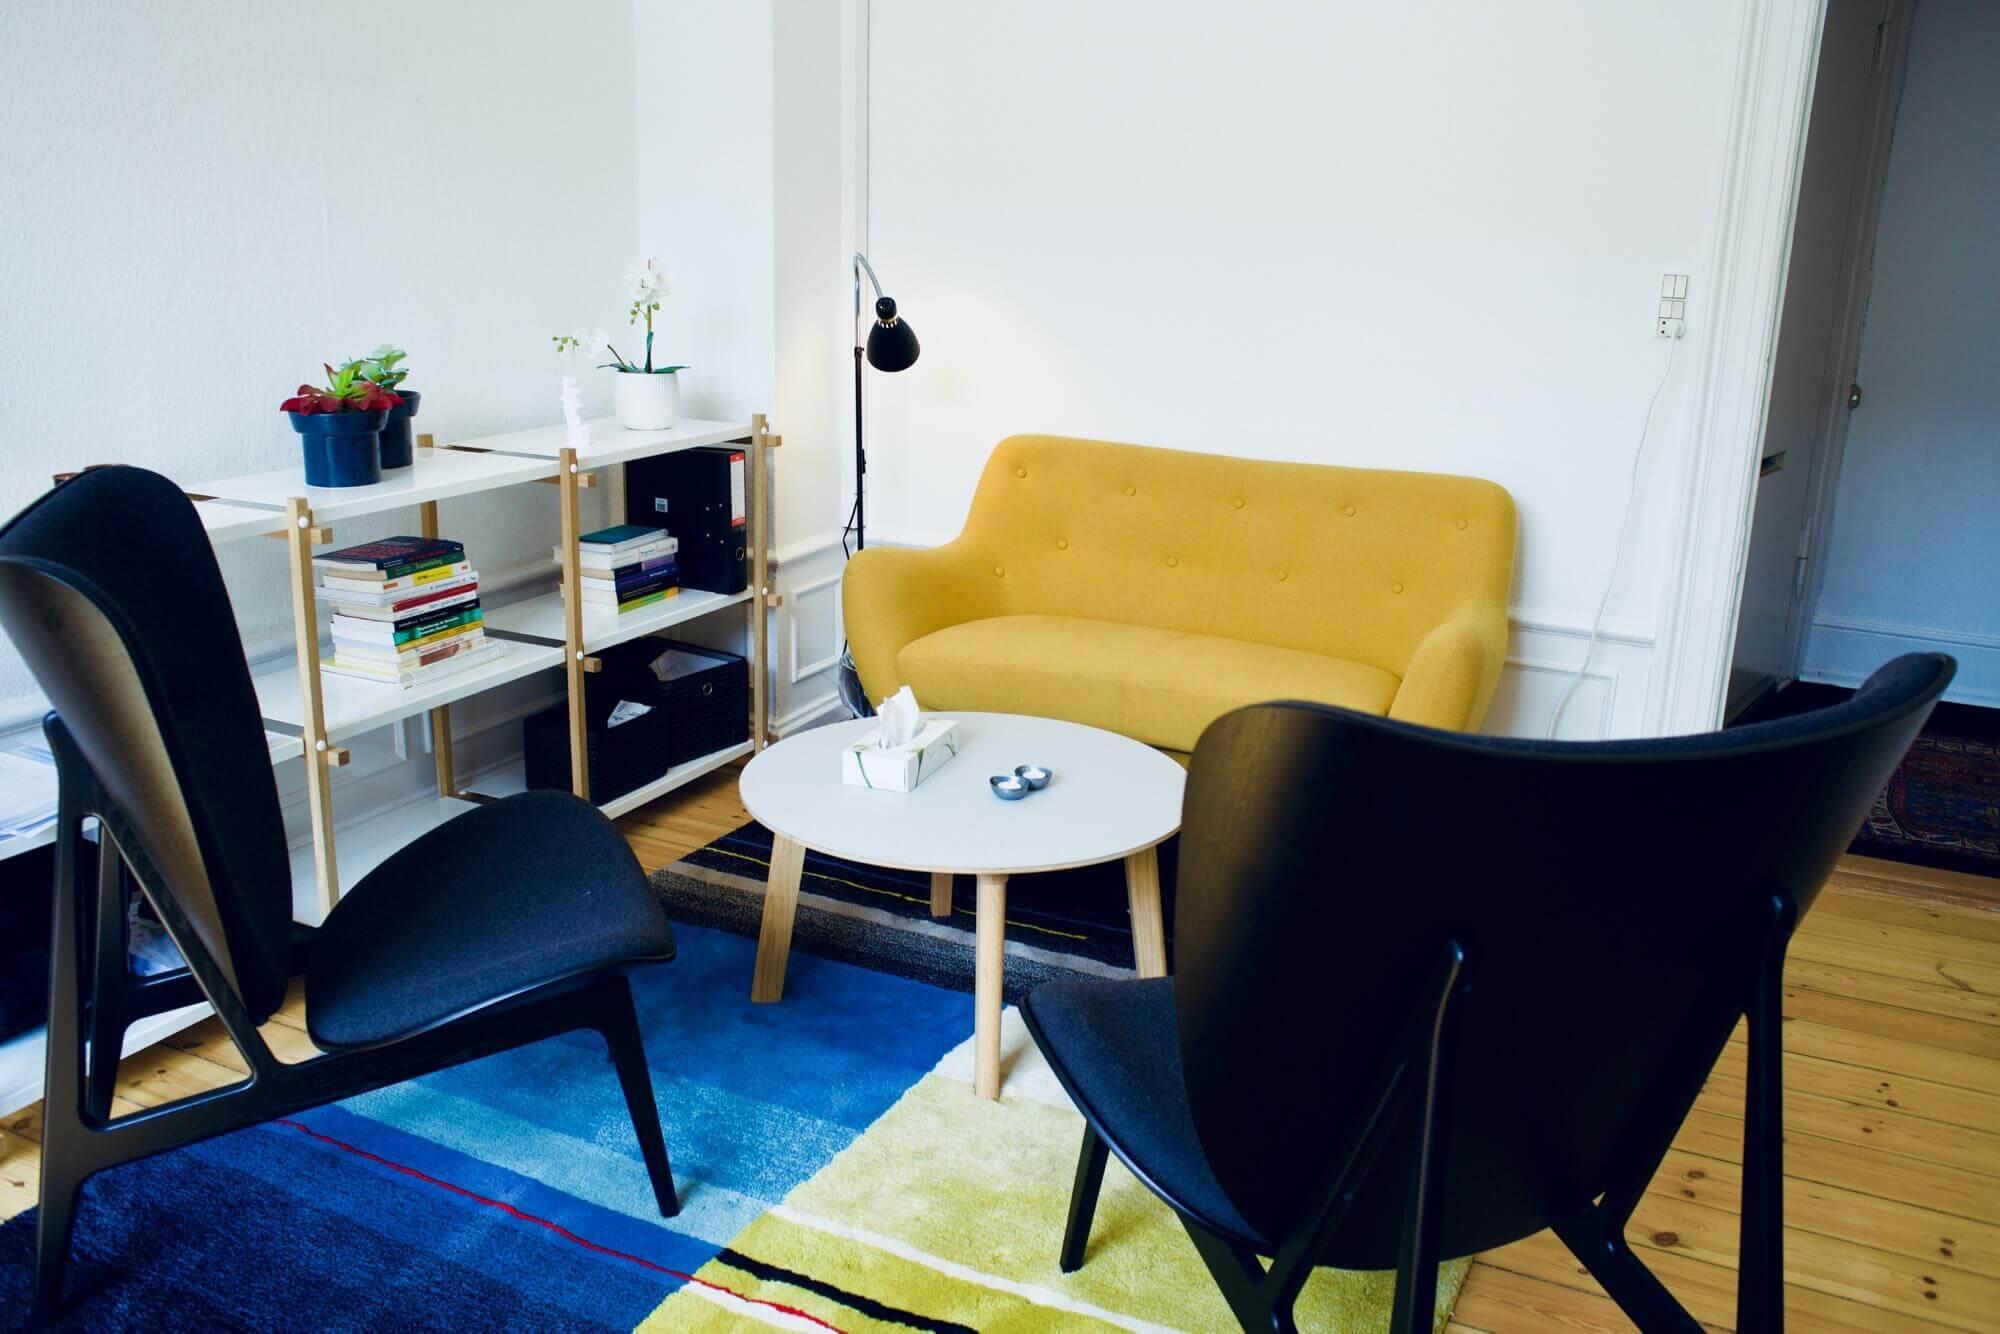 Terapirum i vores lokaler på Vesterbrograde i København